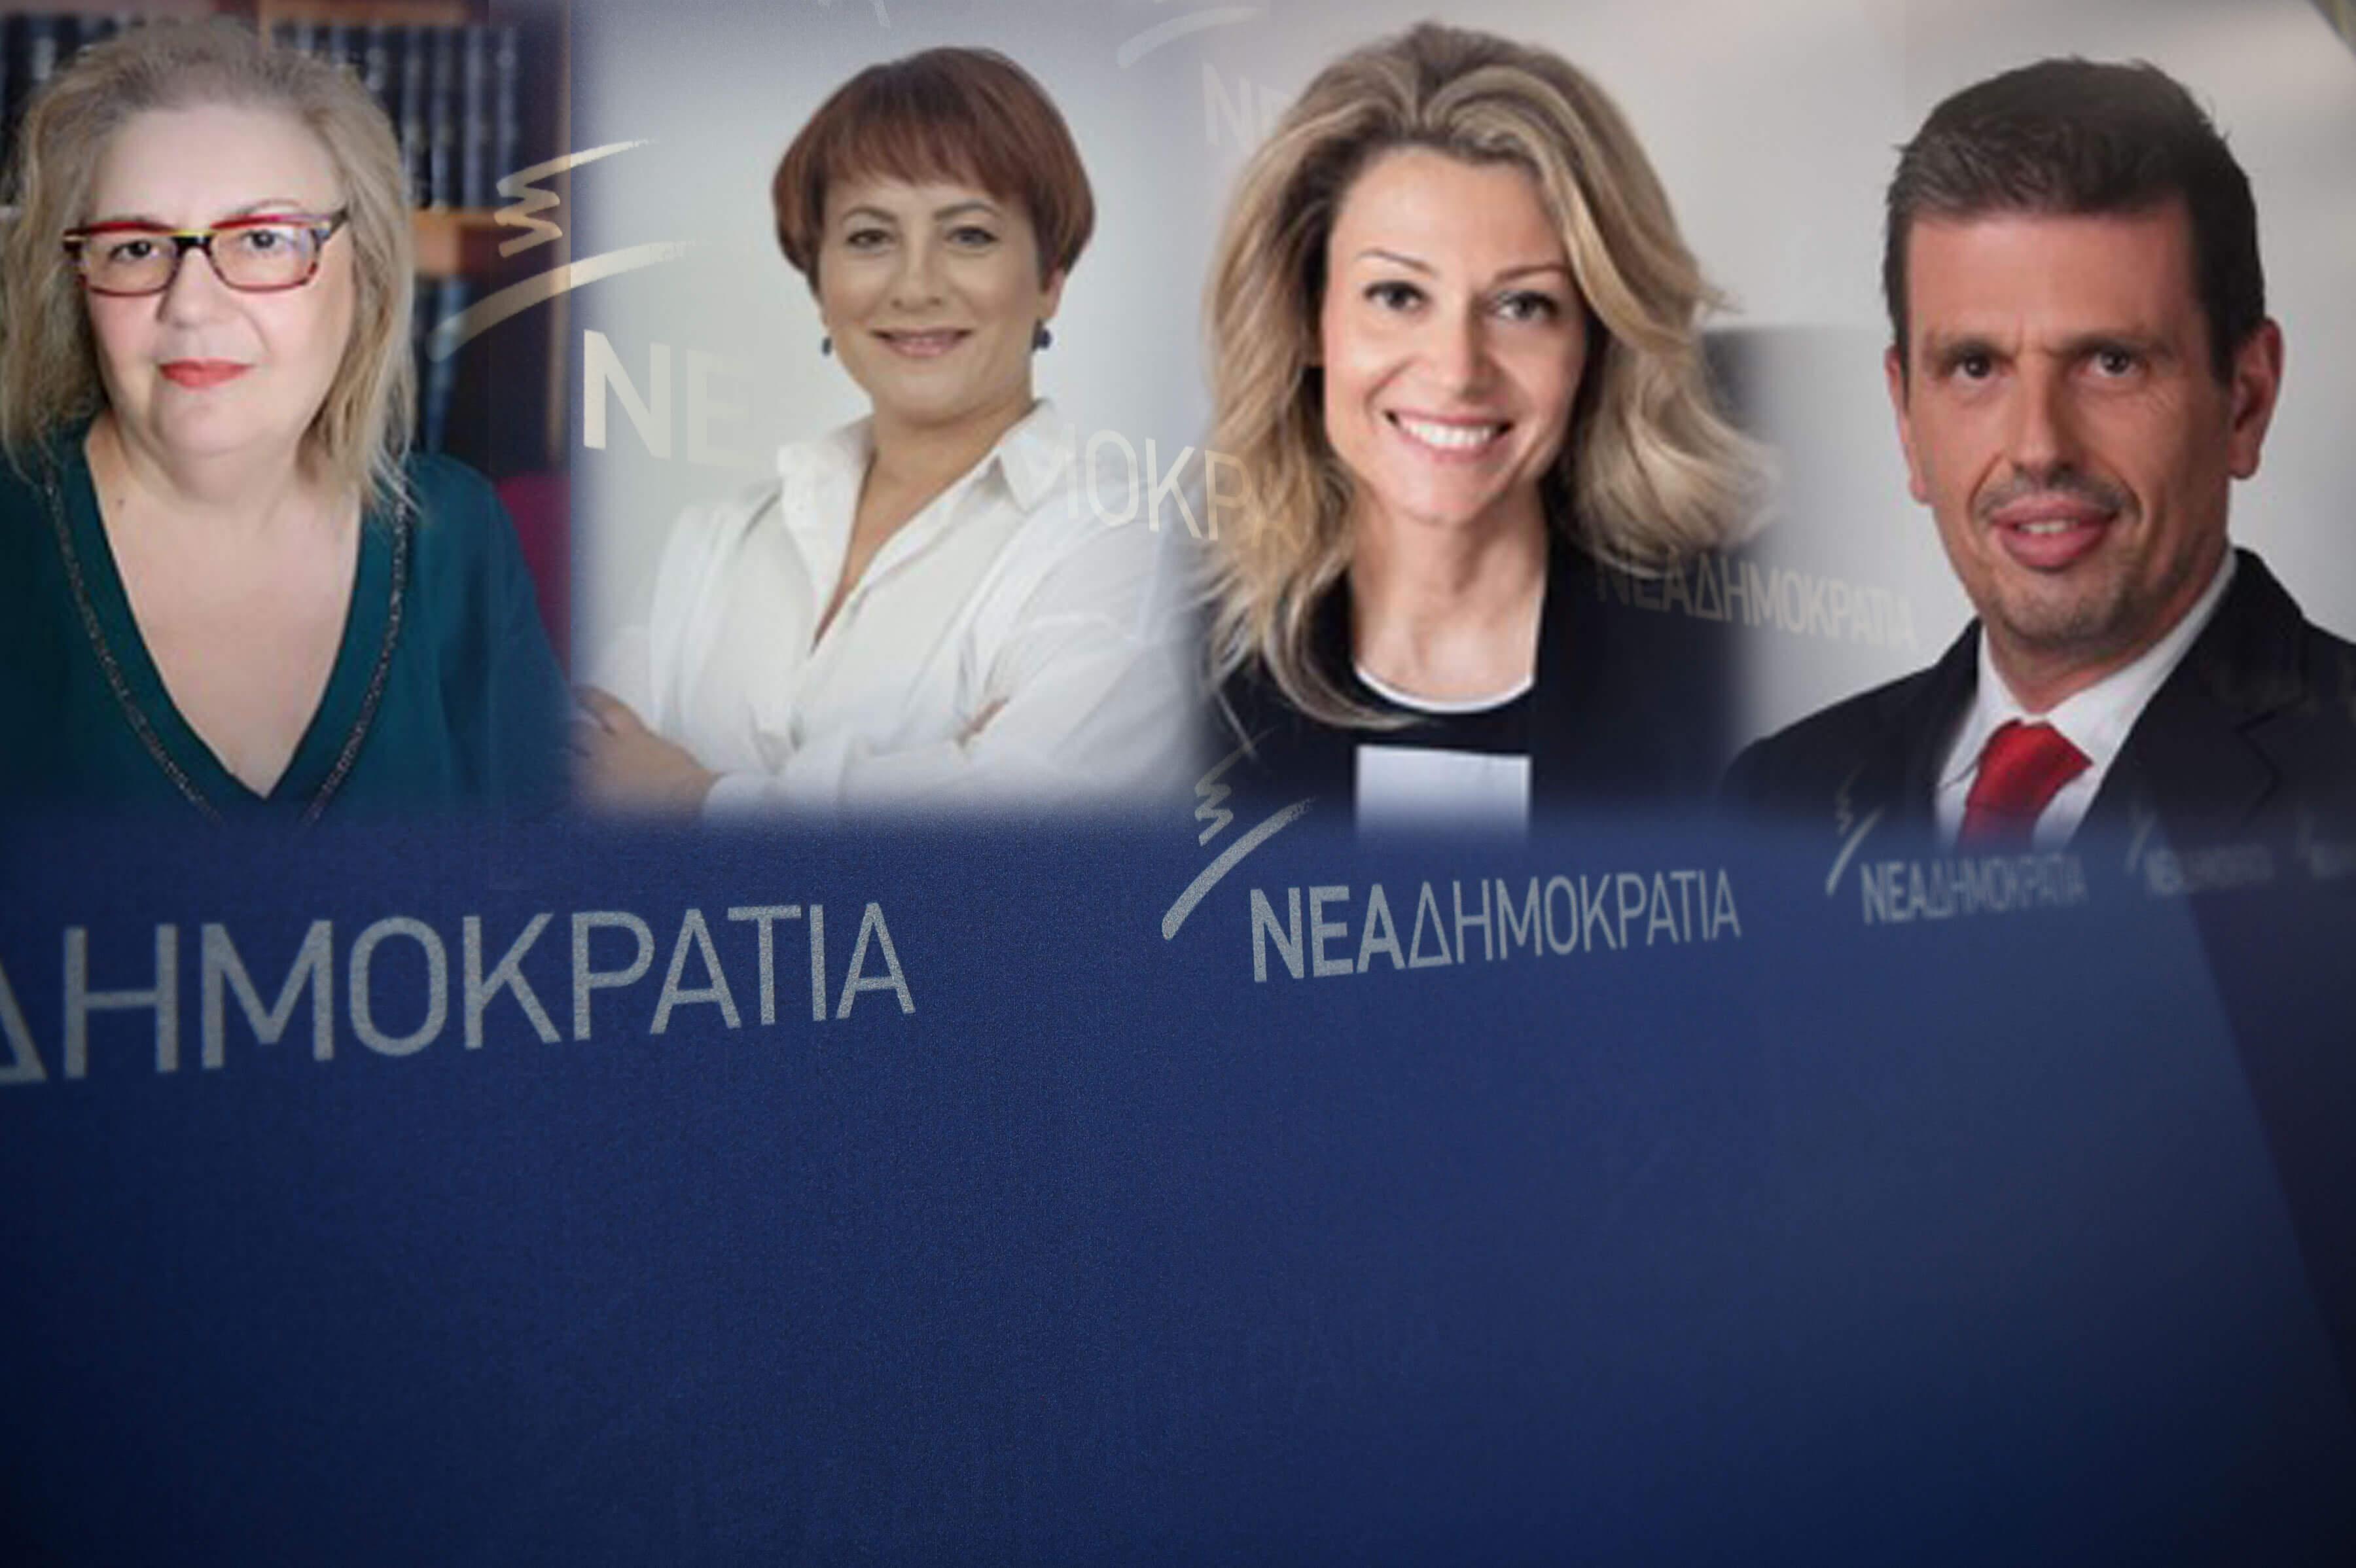 Δημήτρης Καιρίδης, Χιουμεϊρά Ογλού, Βασιλική Λαζαράκου, Αφροδίτη Μπλέτα στο ευρωψηφοδέλτιο της ΝΔ